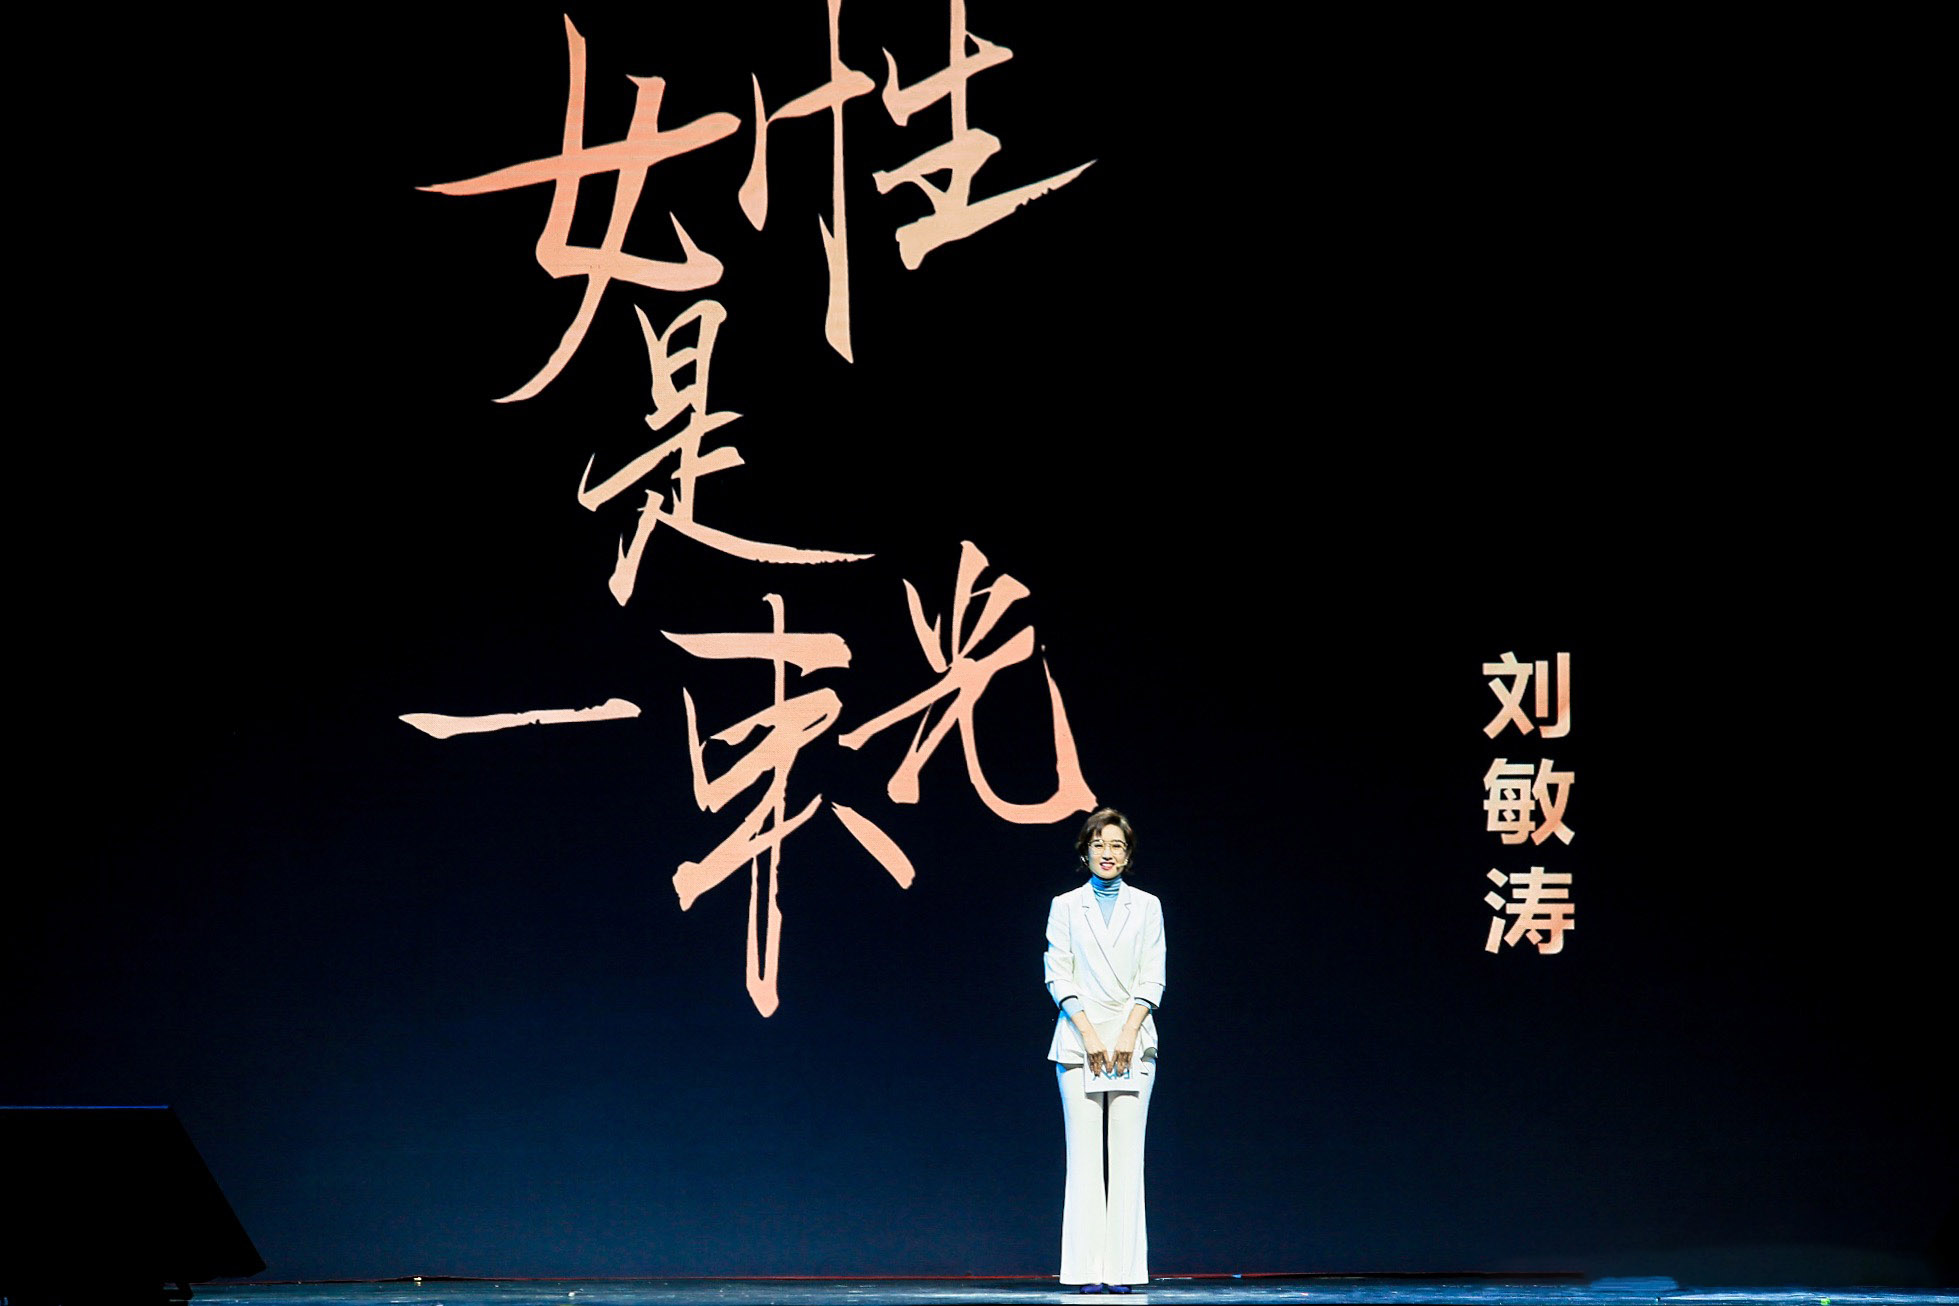 一個自由的中年叛逆者 劉敏濤真的很棒 人物 劉敏濤 叛逆者_新浪新聞